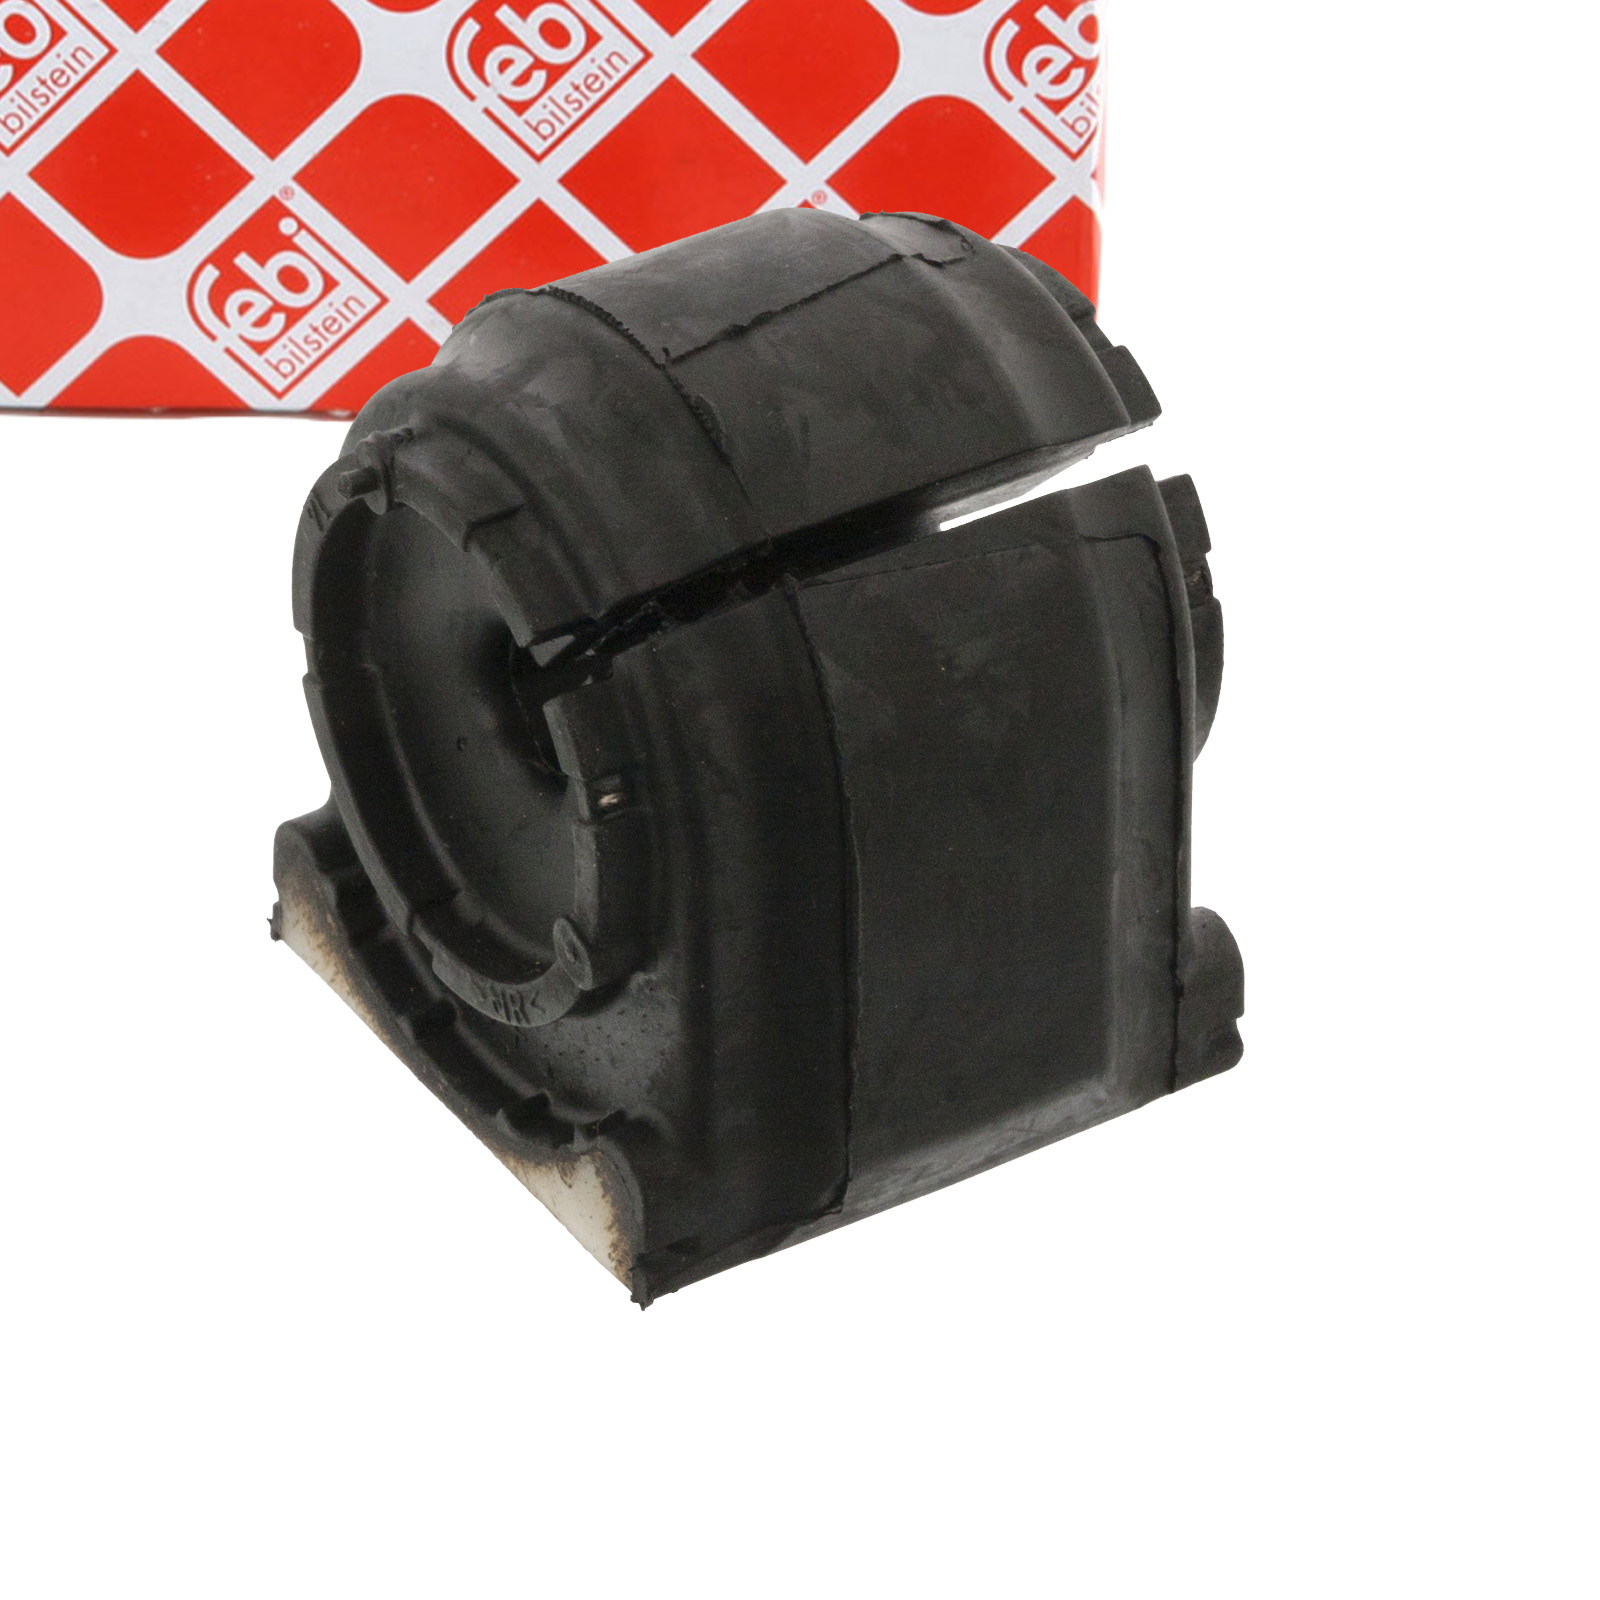 2x FEBI 45856 Stabilisatorlager MERCEDES Sprinter (906) VW Crafter (2E 2F) hinten